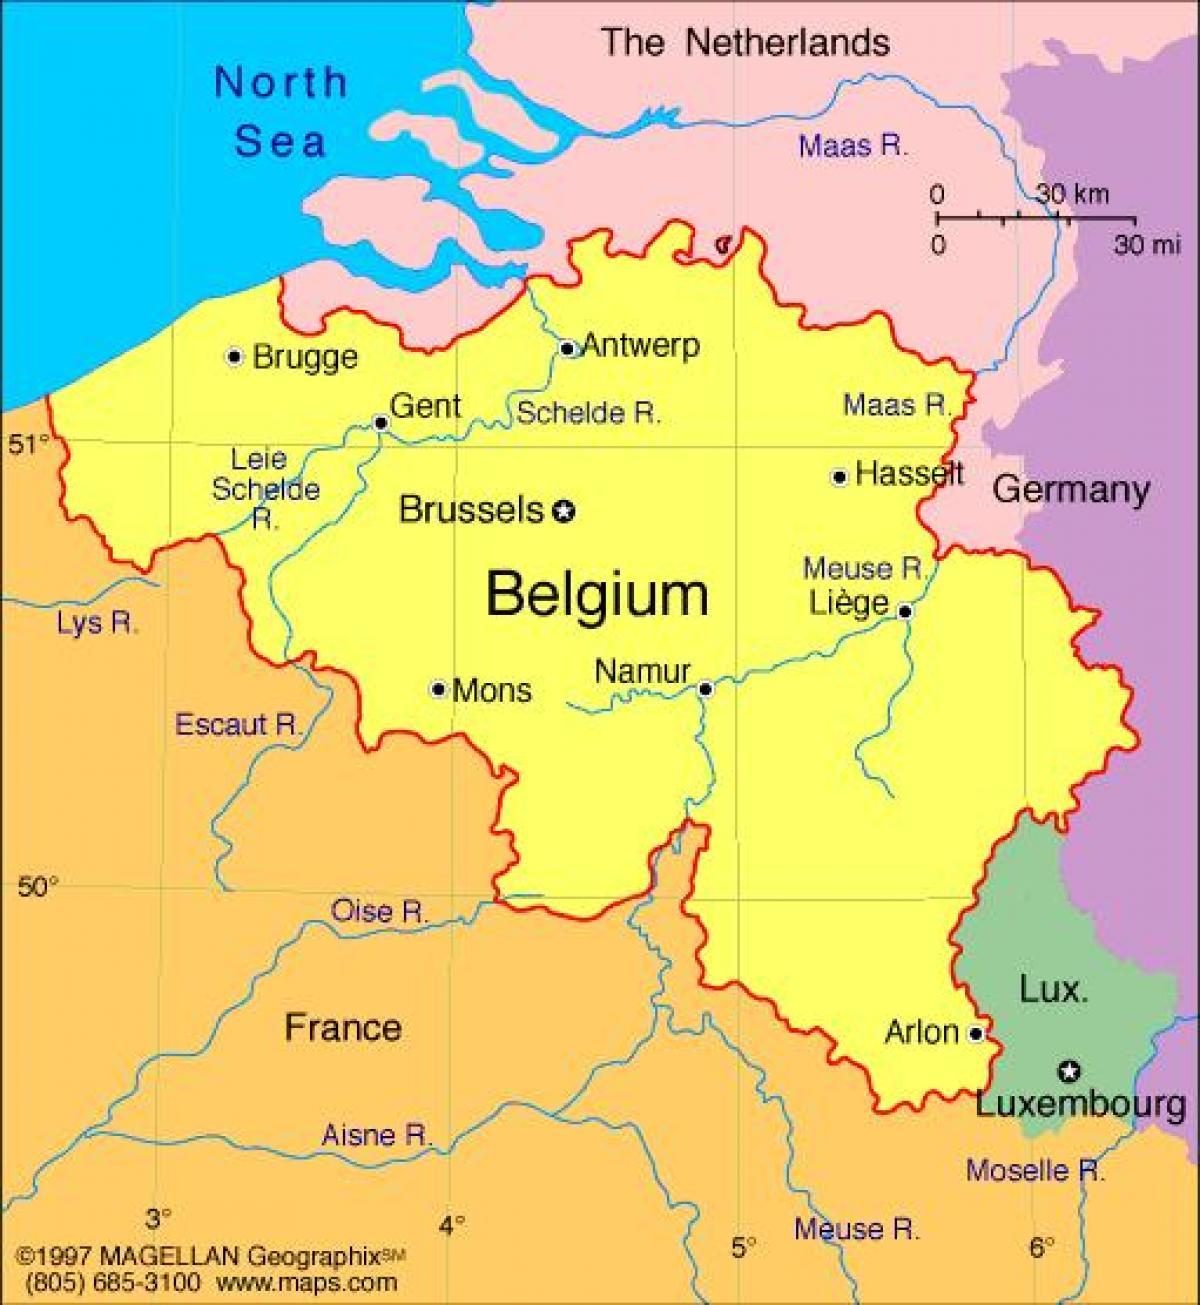 Carte de france et à Bruxelles - Carte de Bruxelles et de la france (Belgique)